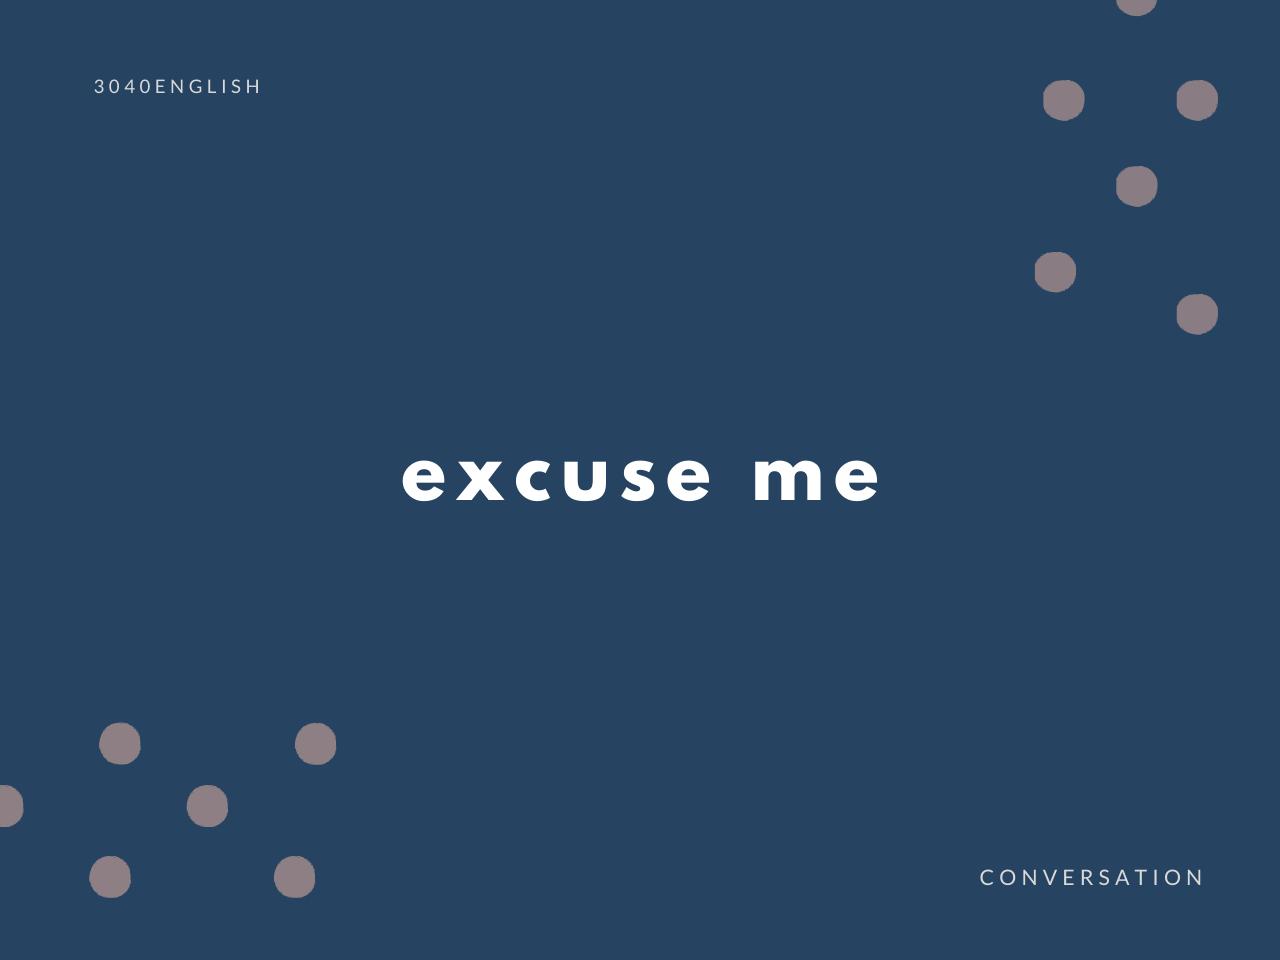 「すみません」と一声かけるときの英語表現7選【英会話用】